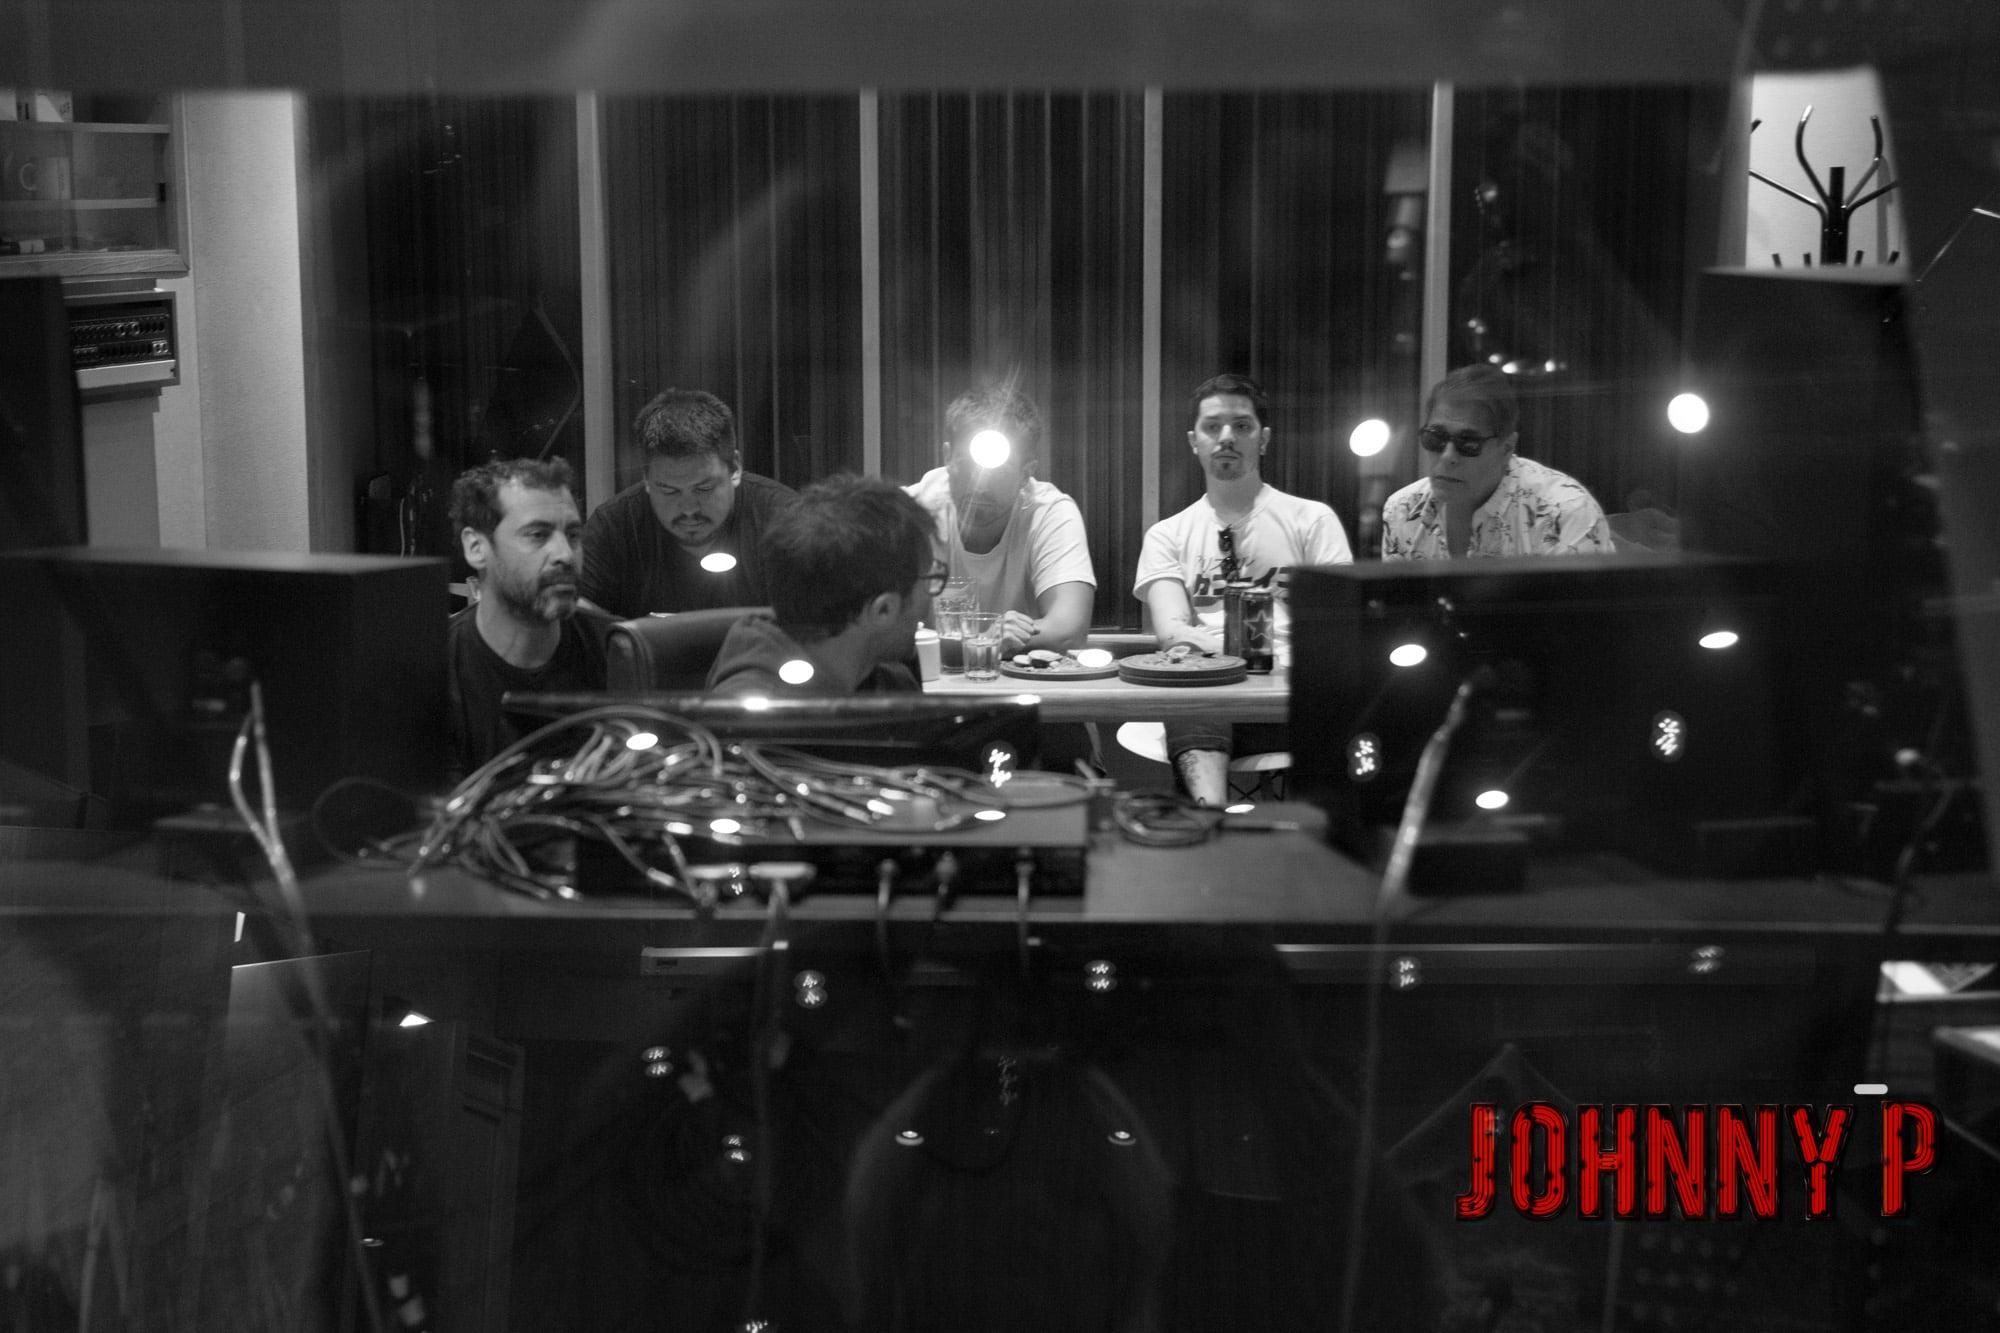 Johnny P en estudio - OYR